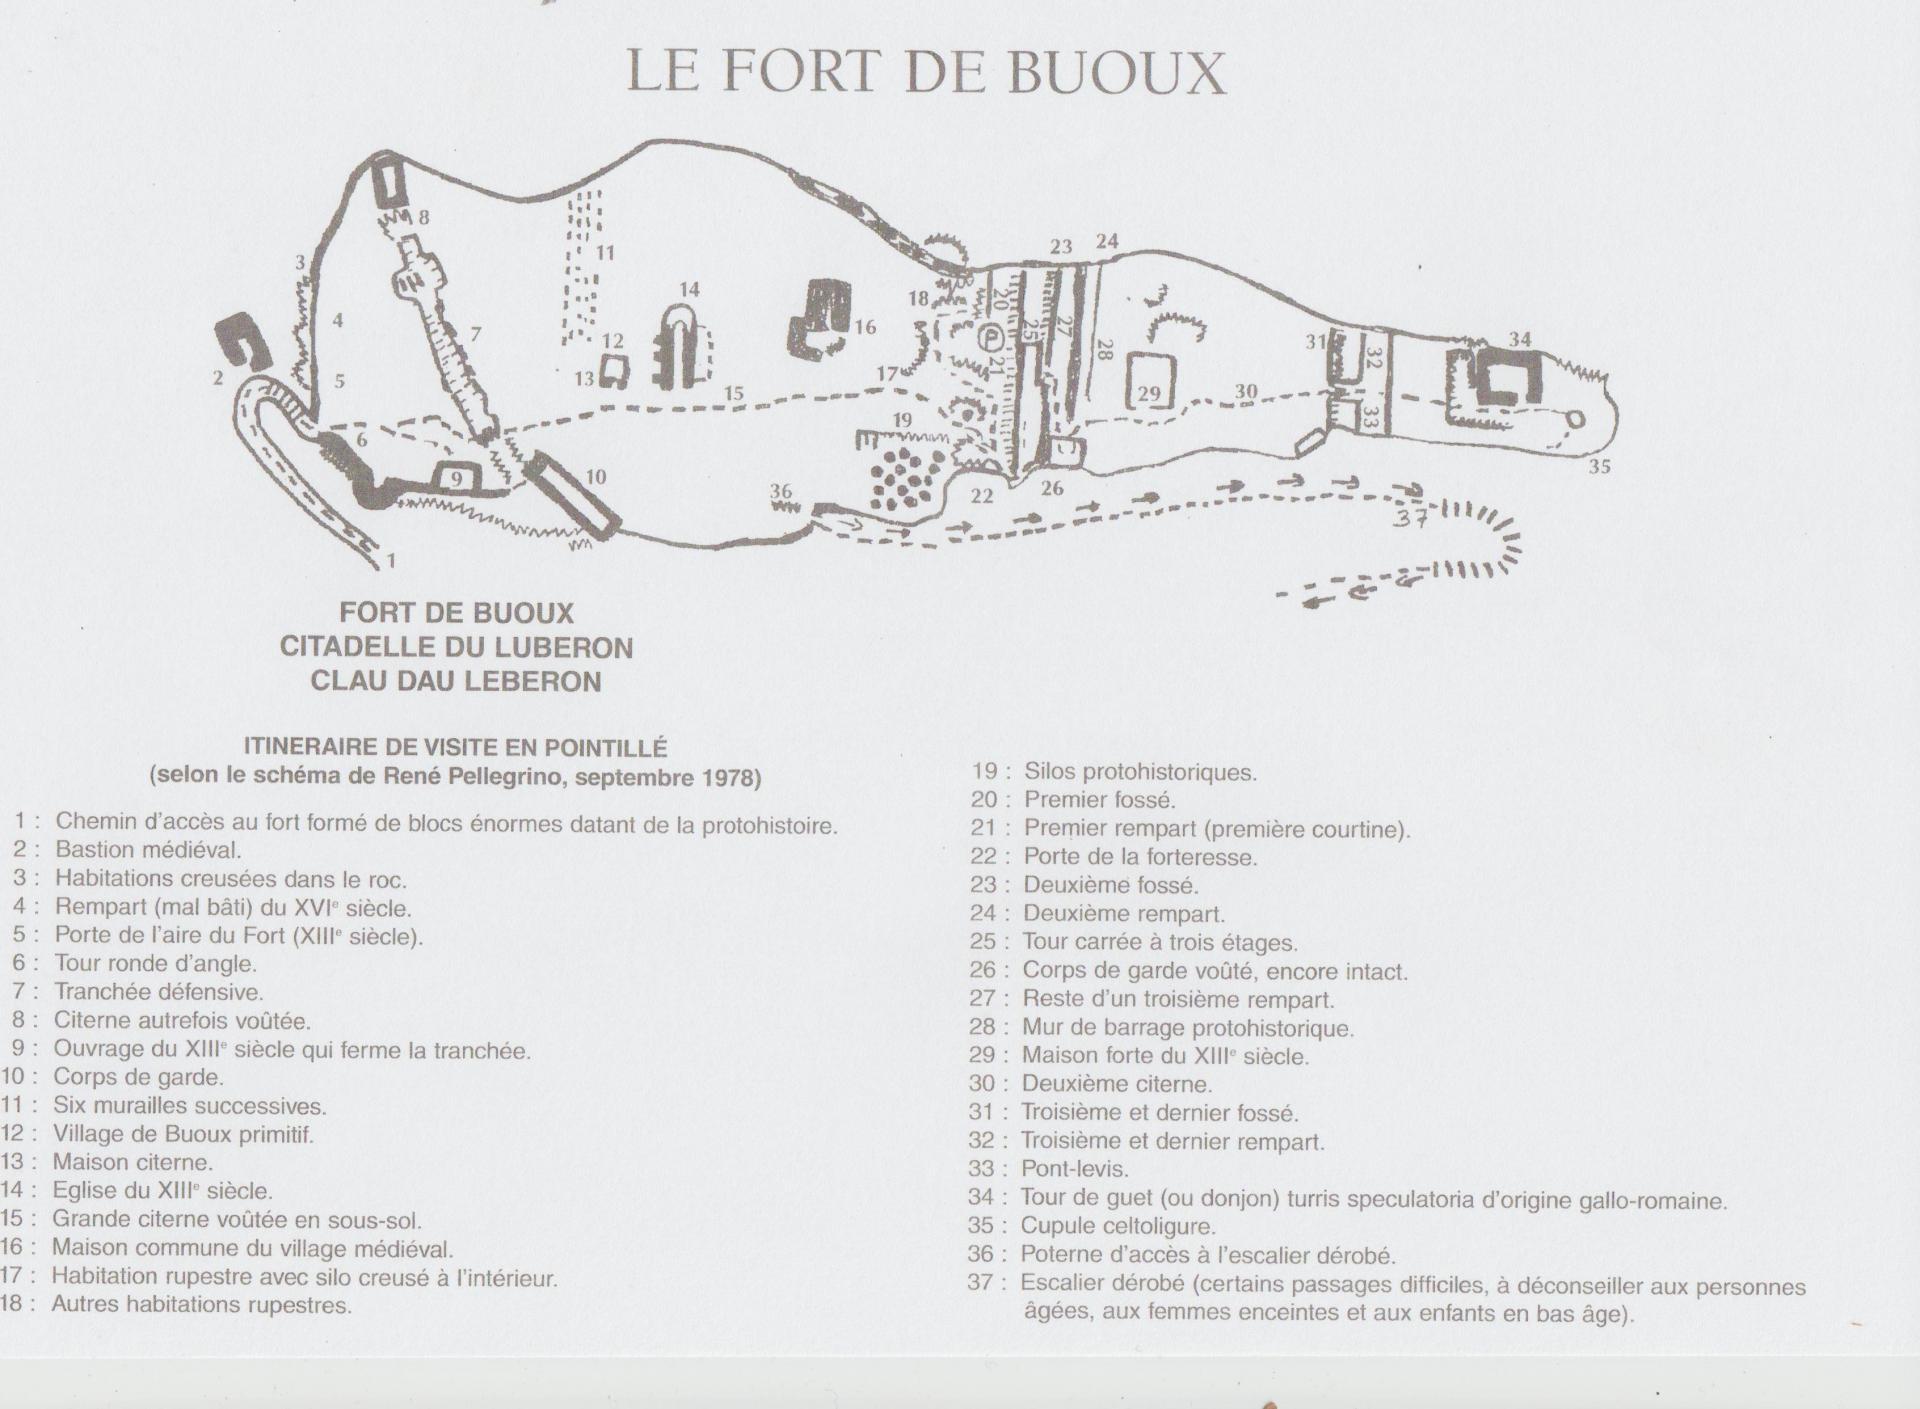 Fort de buoux photo plan du fort 001